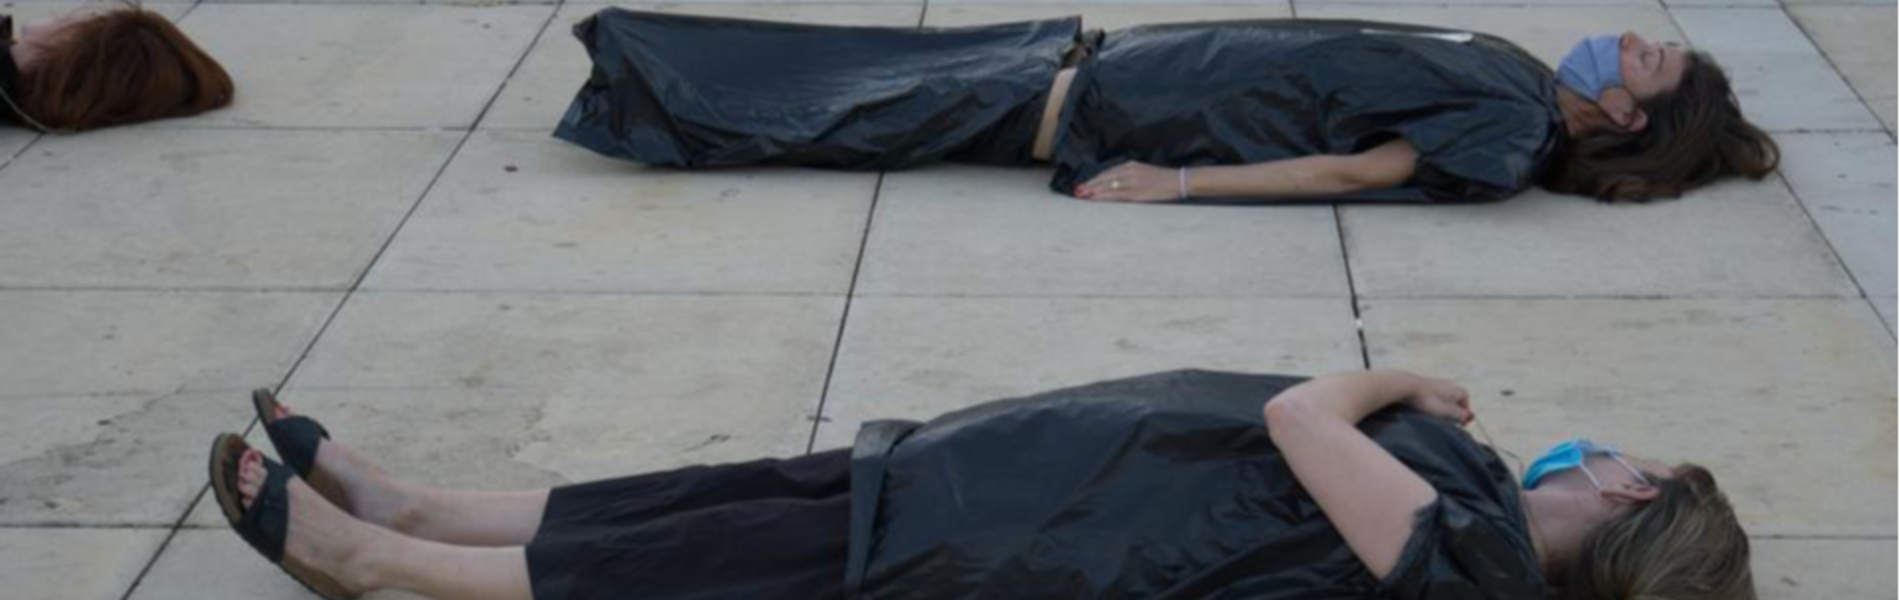 מיצג הגופות: 'התכנית הכלכלית הזו היא הדרך הבטוחה למותה של הכלכלה הישראלית'